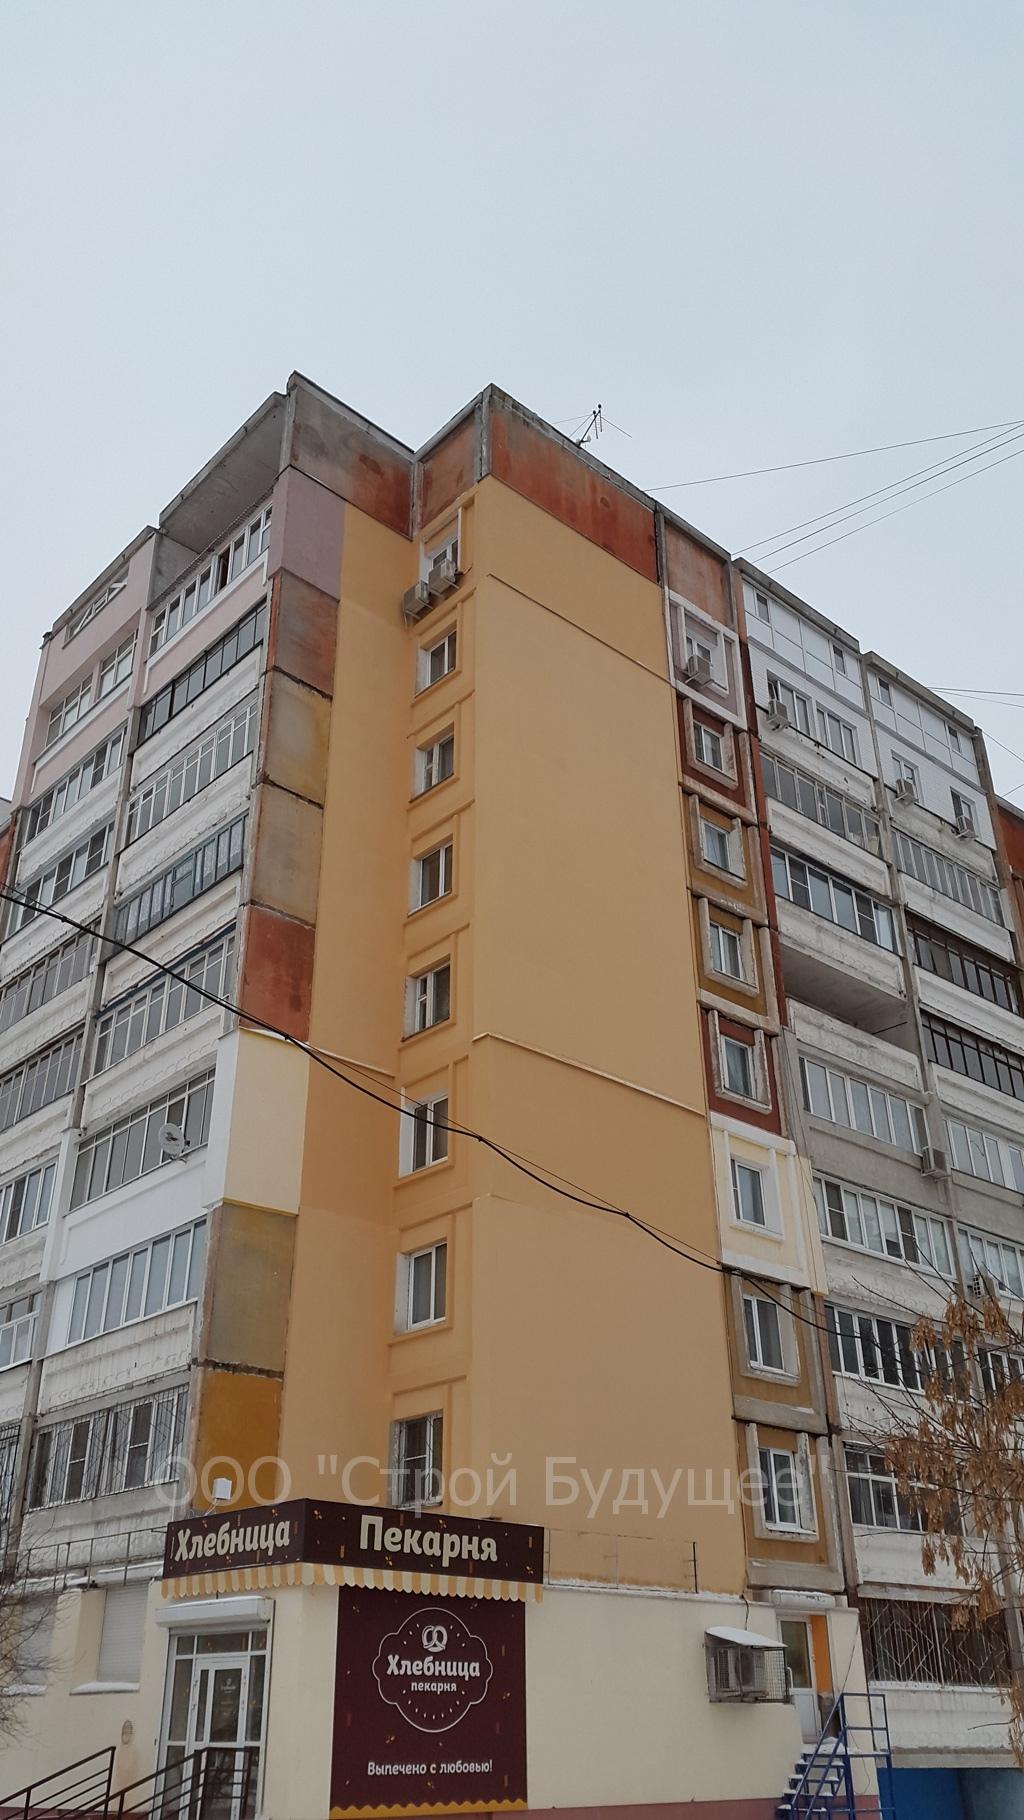 Ремонт рустов на фасаде цены